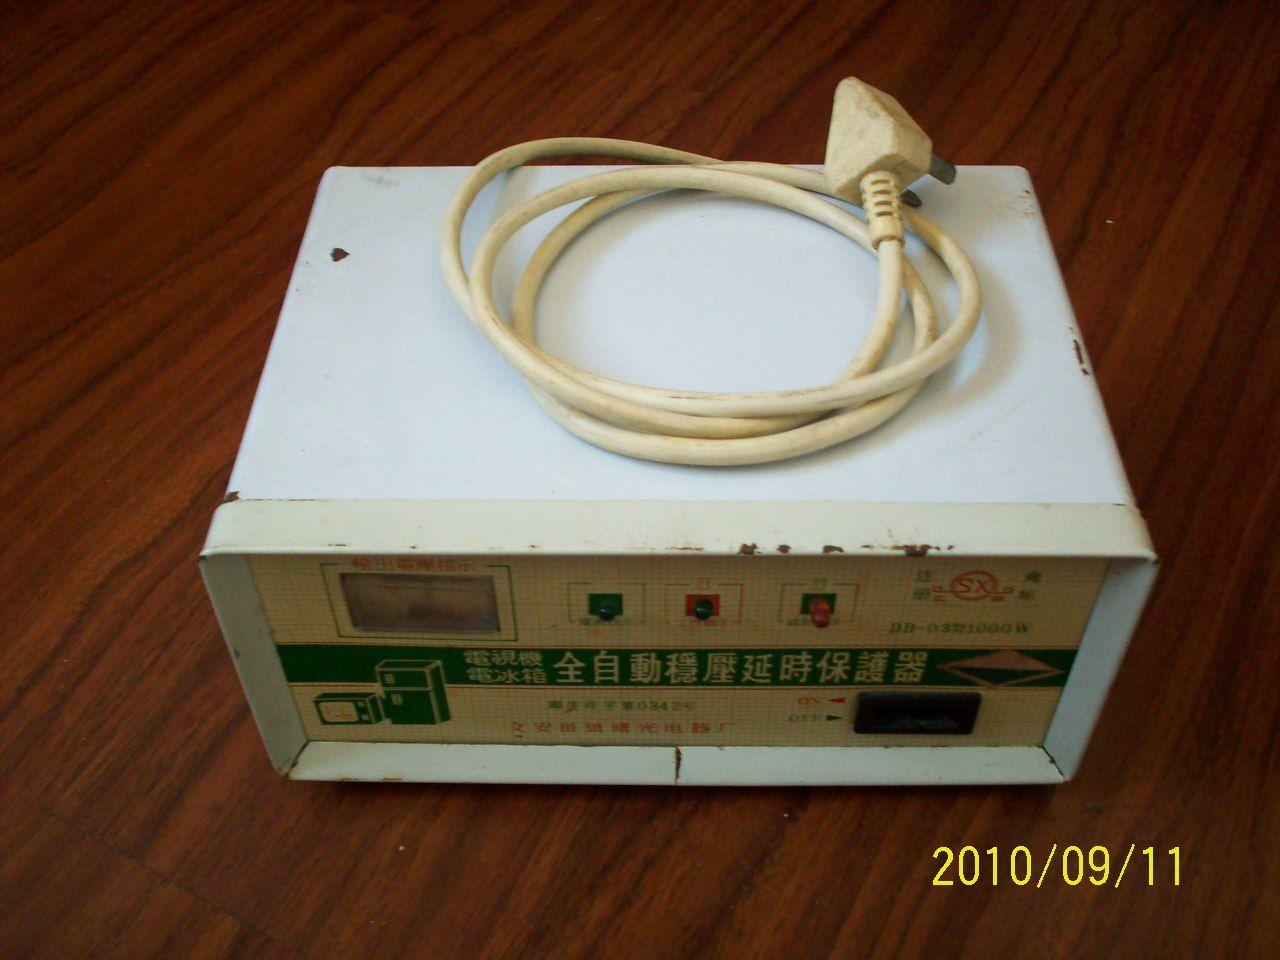 卖带冰箱延时保护的稳压电源